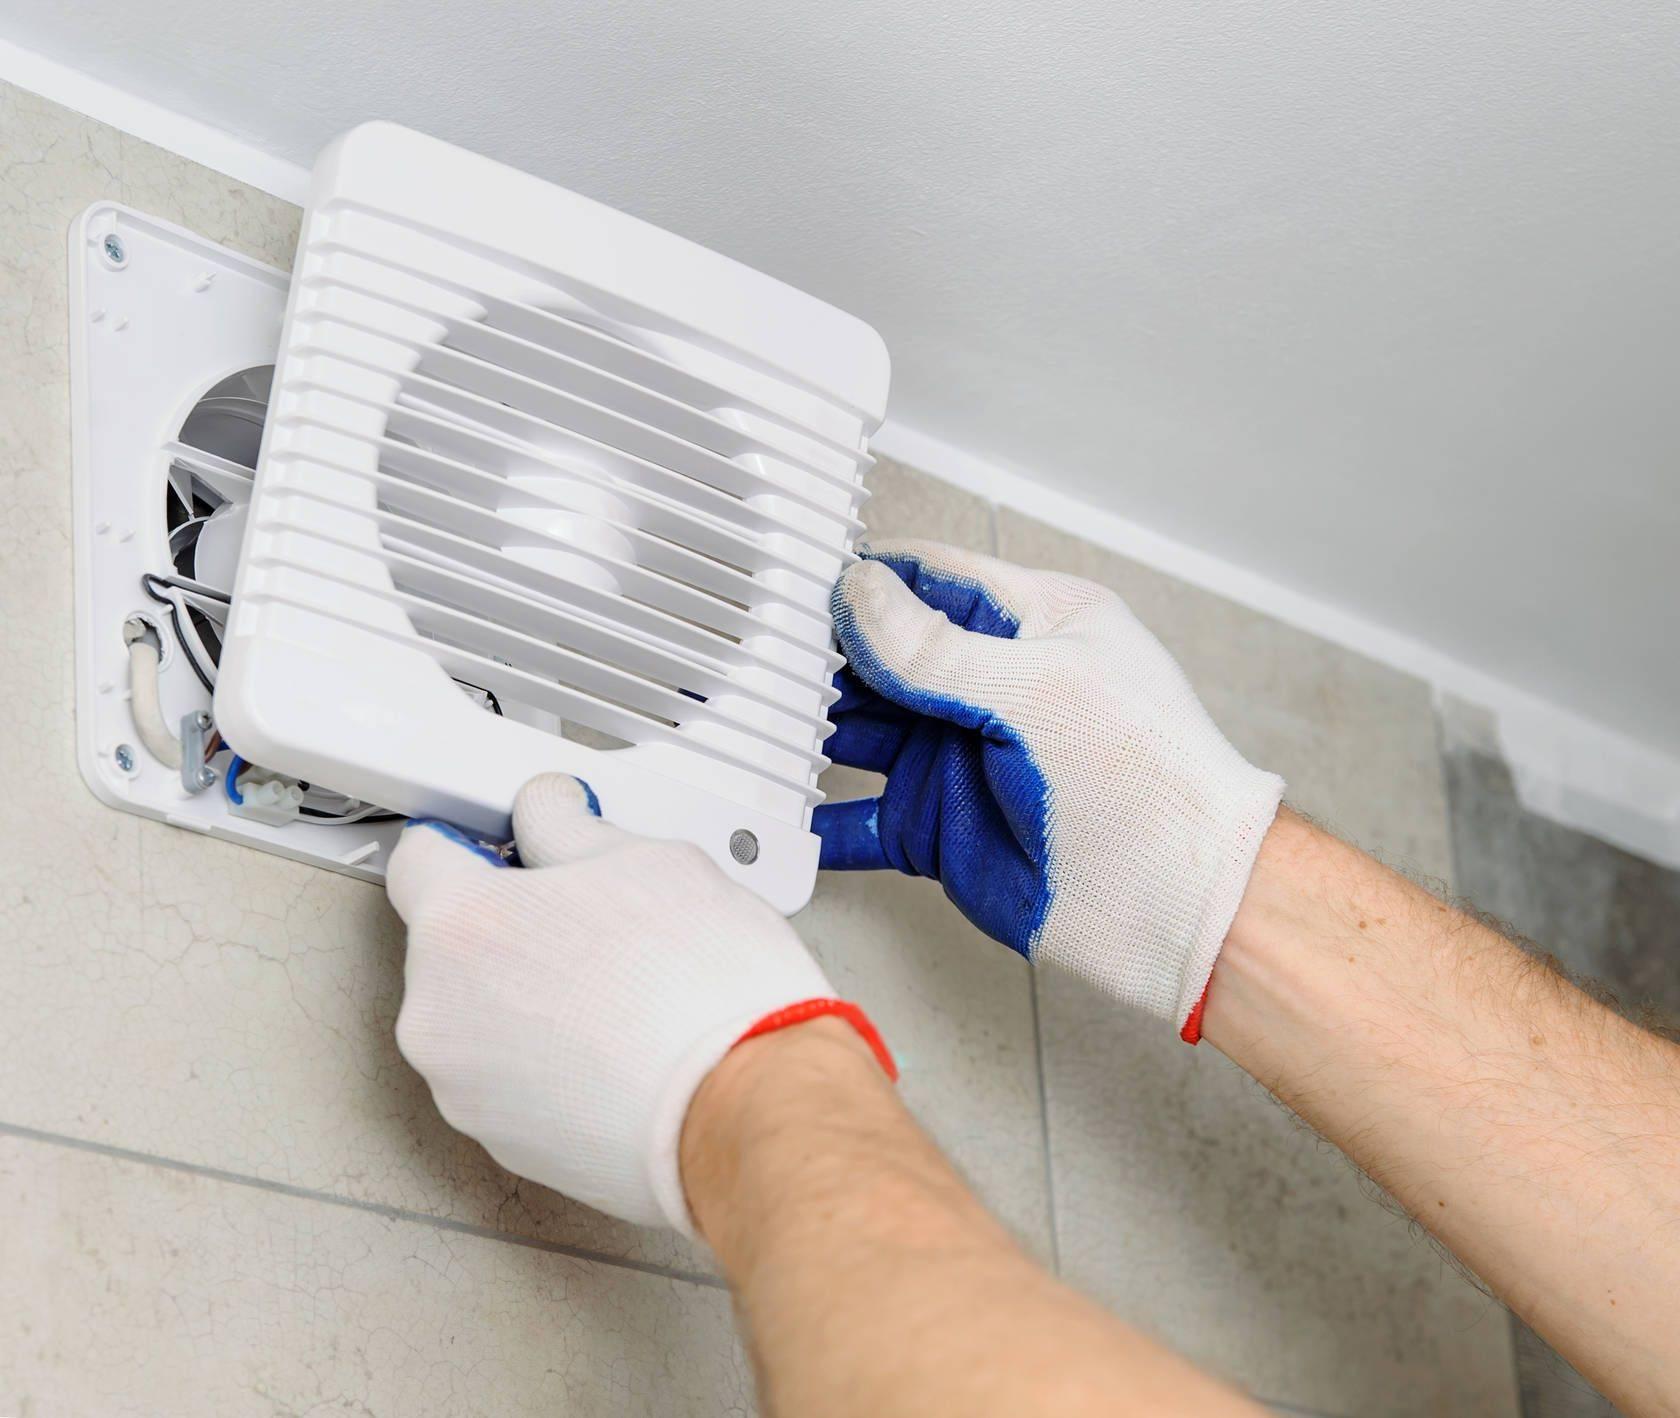 Вентиляция в туалете в квартире: выбор вентилятора